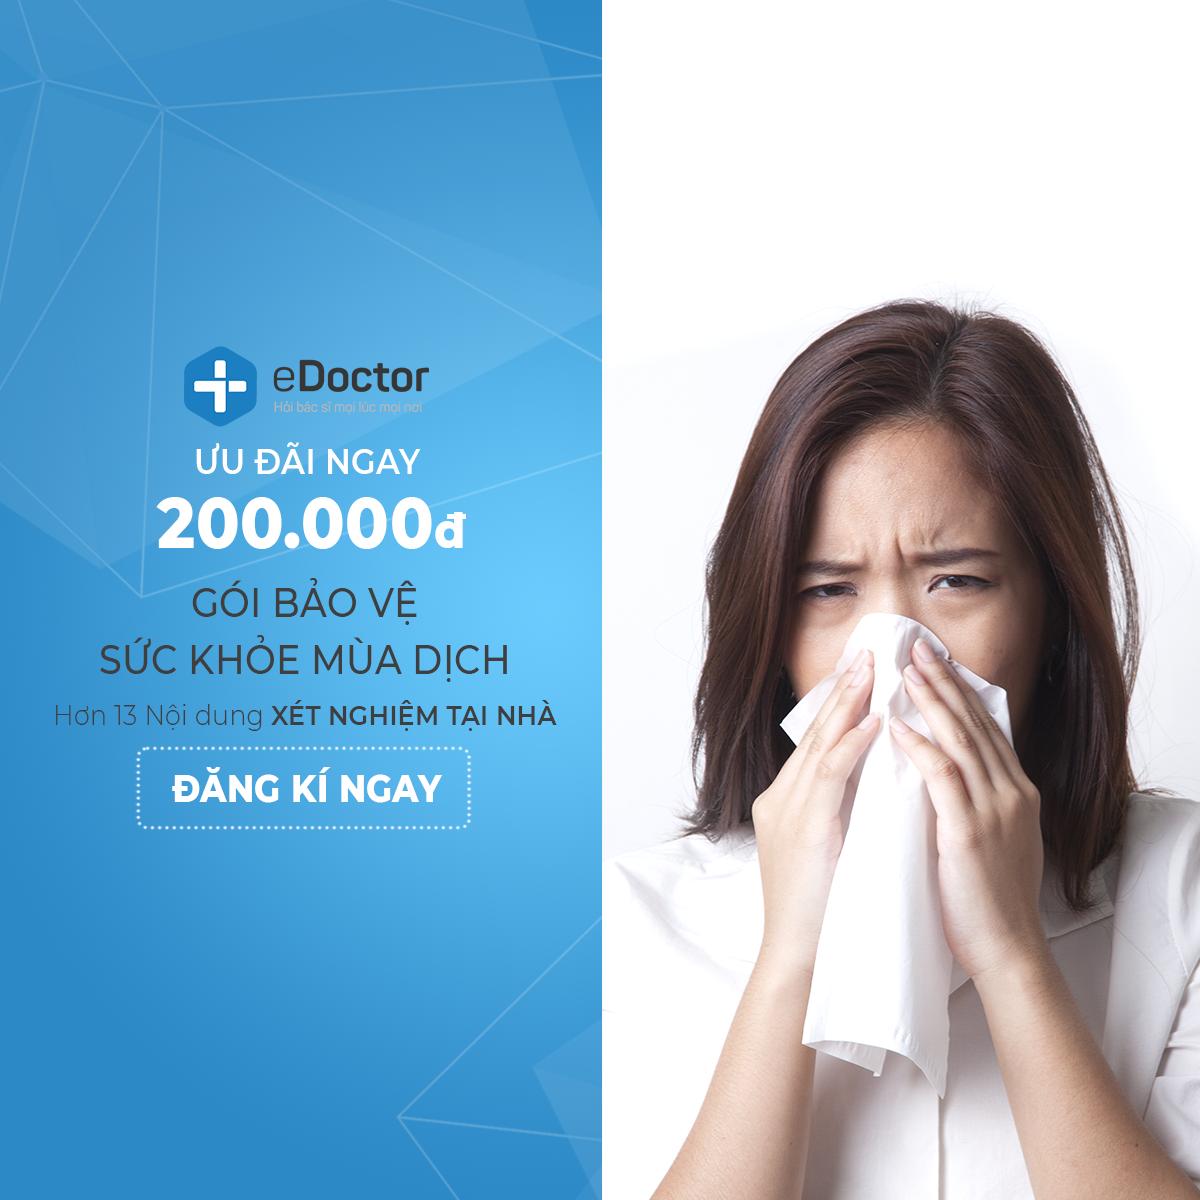 """eDoctor - Đại chiến mùa dịch """"Nhận ngay voucher giảm 200.000đ cho gói Bảo vệ sức khoẻ mùa dịch tại nhà"""""""